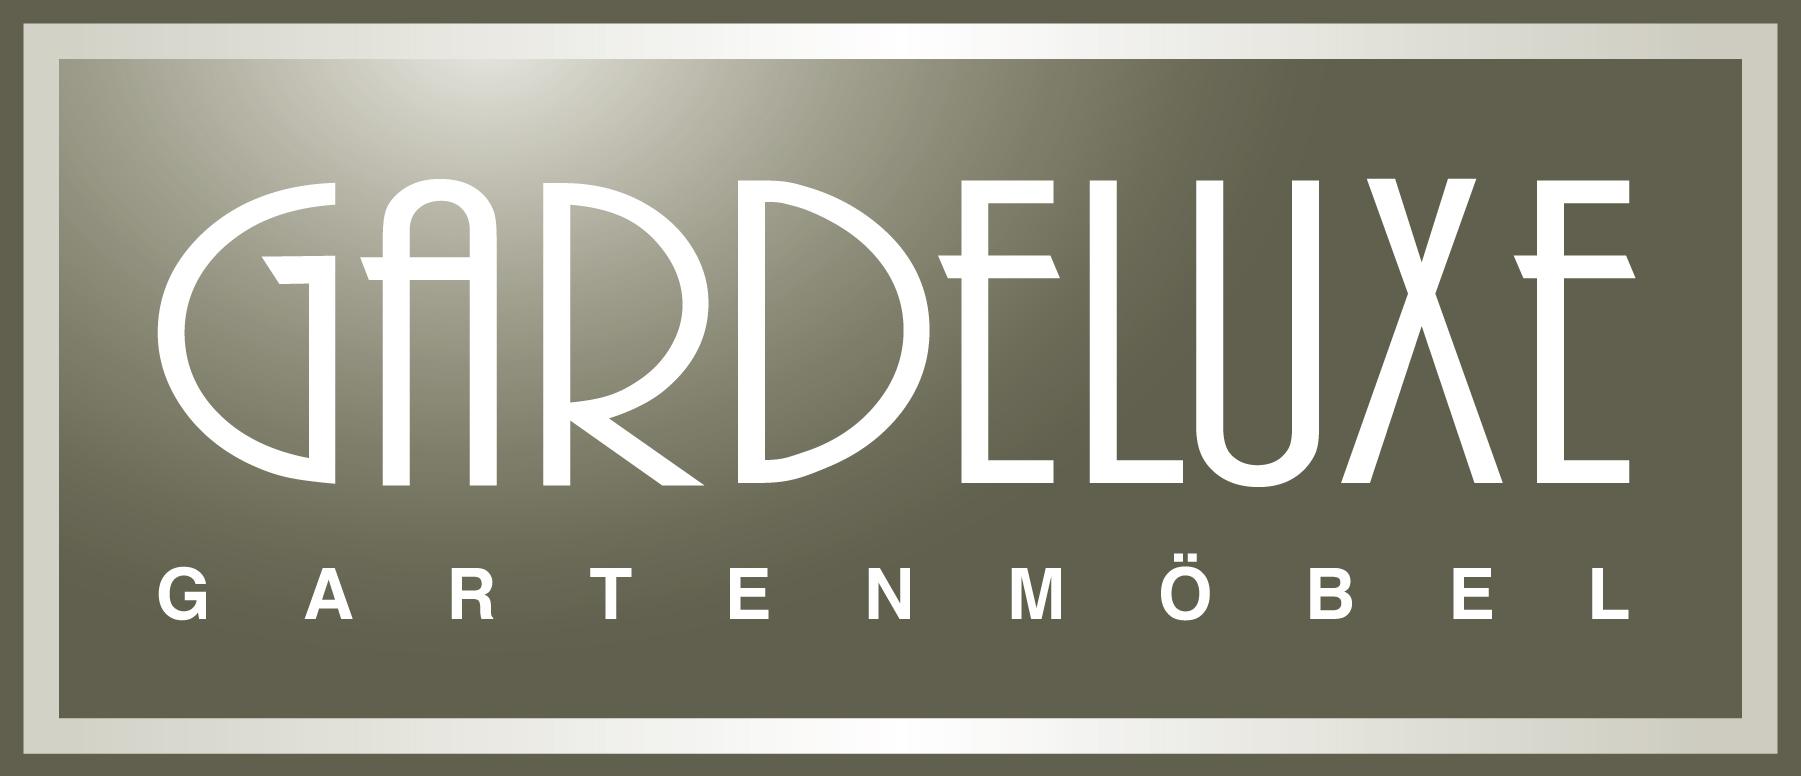 gardeluxe-gartenmoebel.de